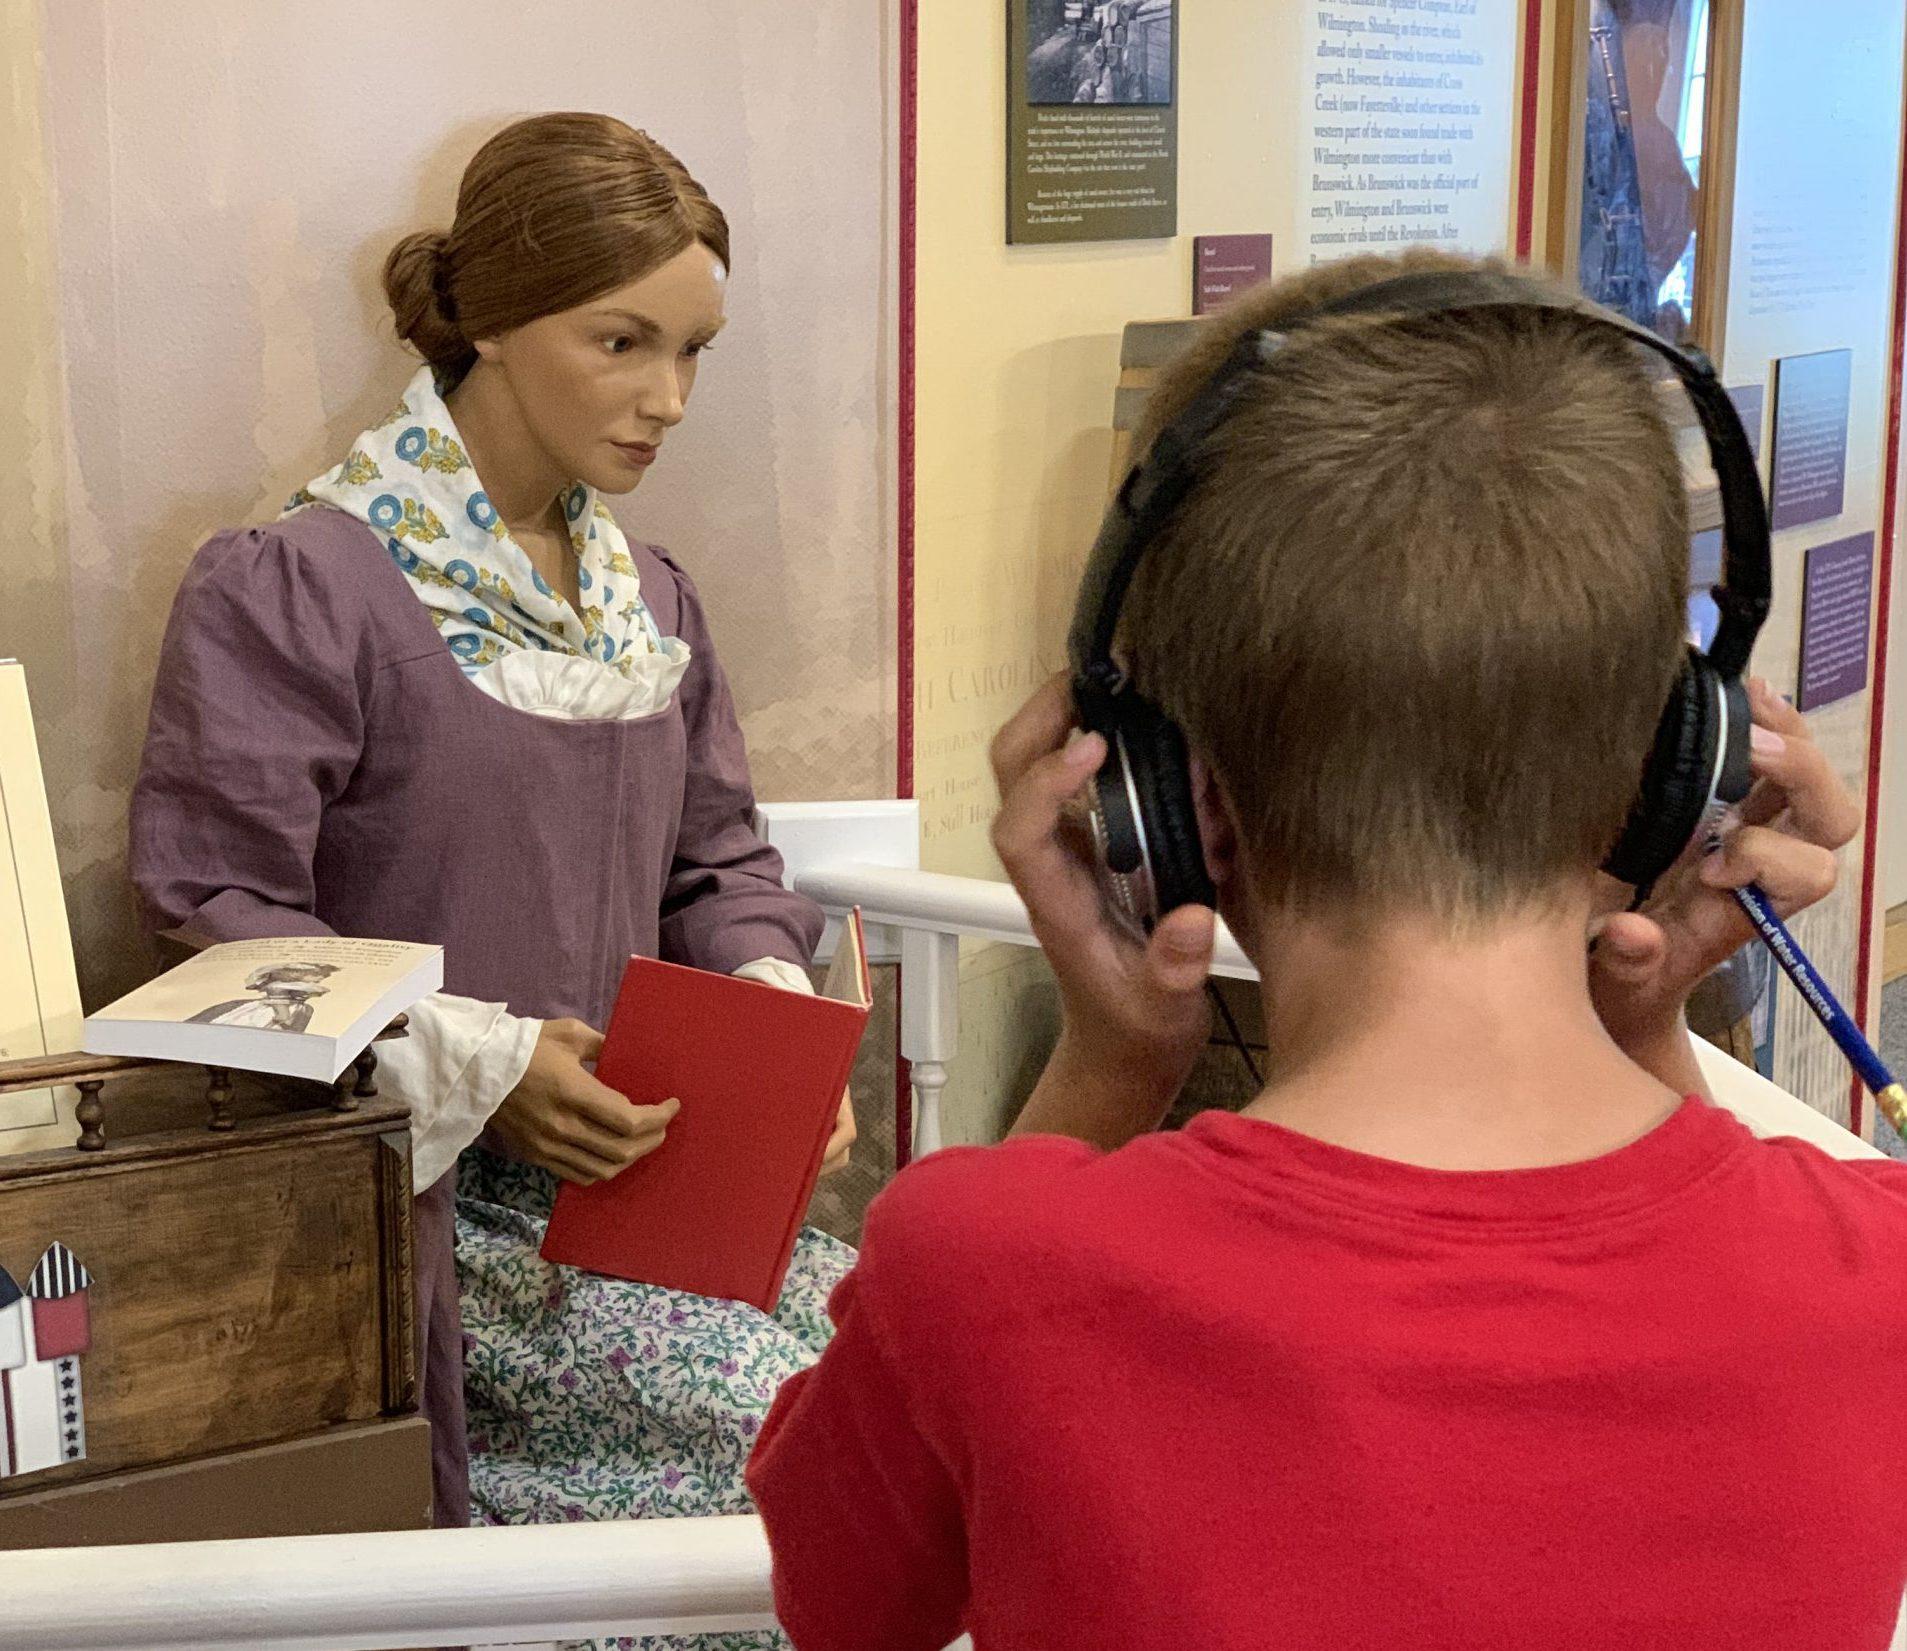 boy wearing noise-canceling earphones